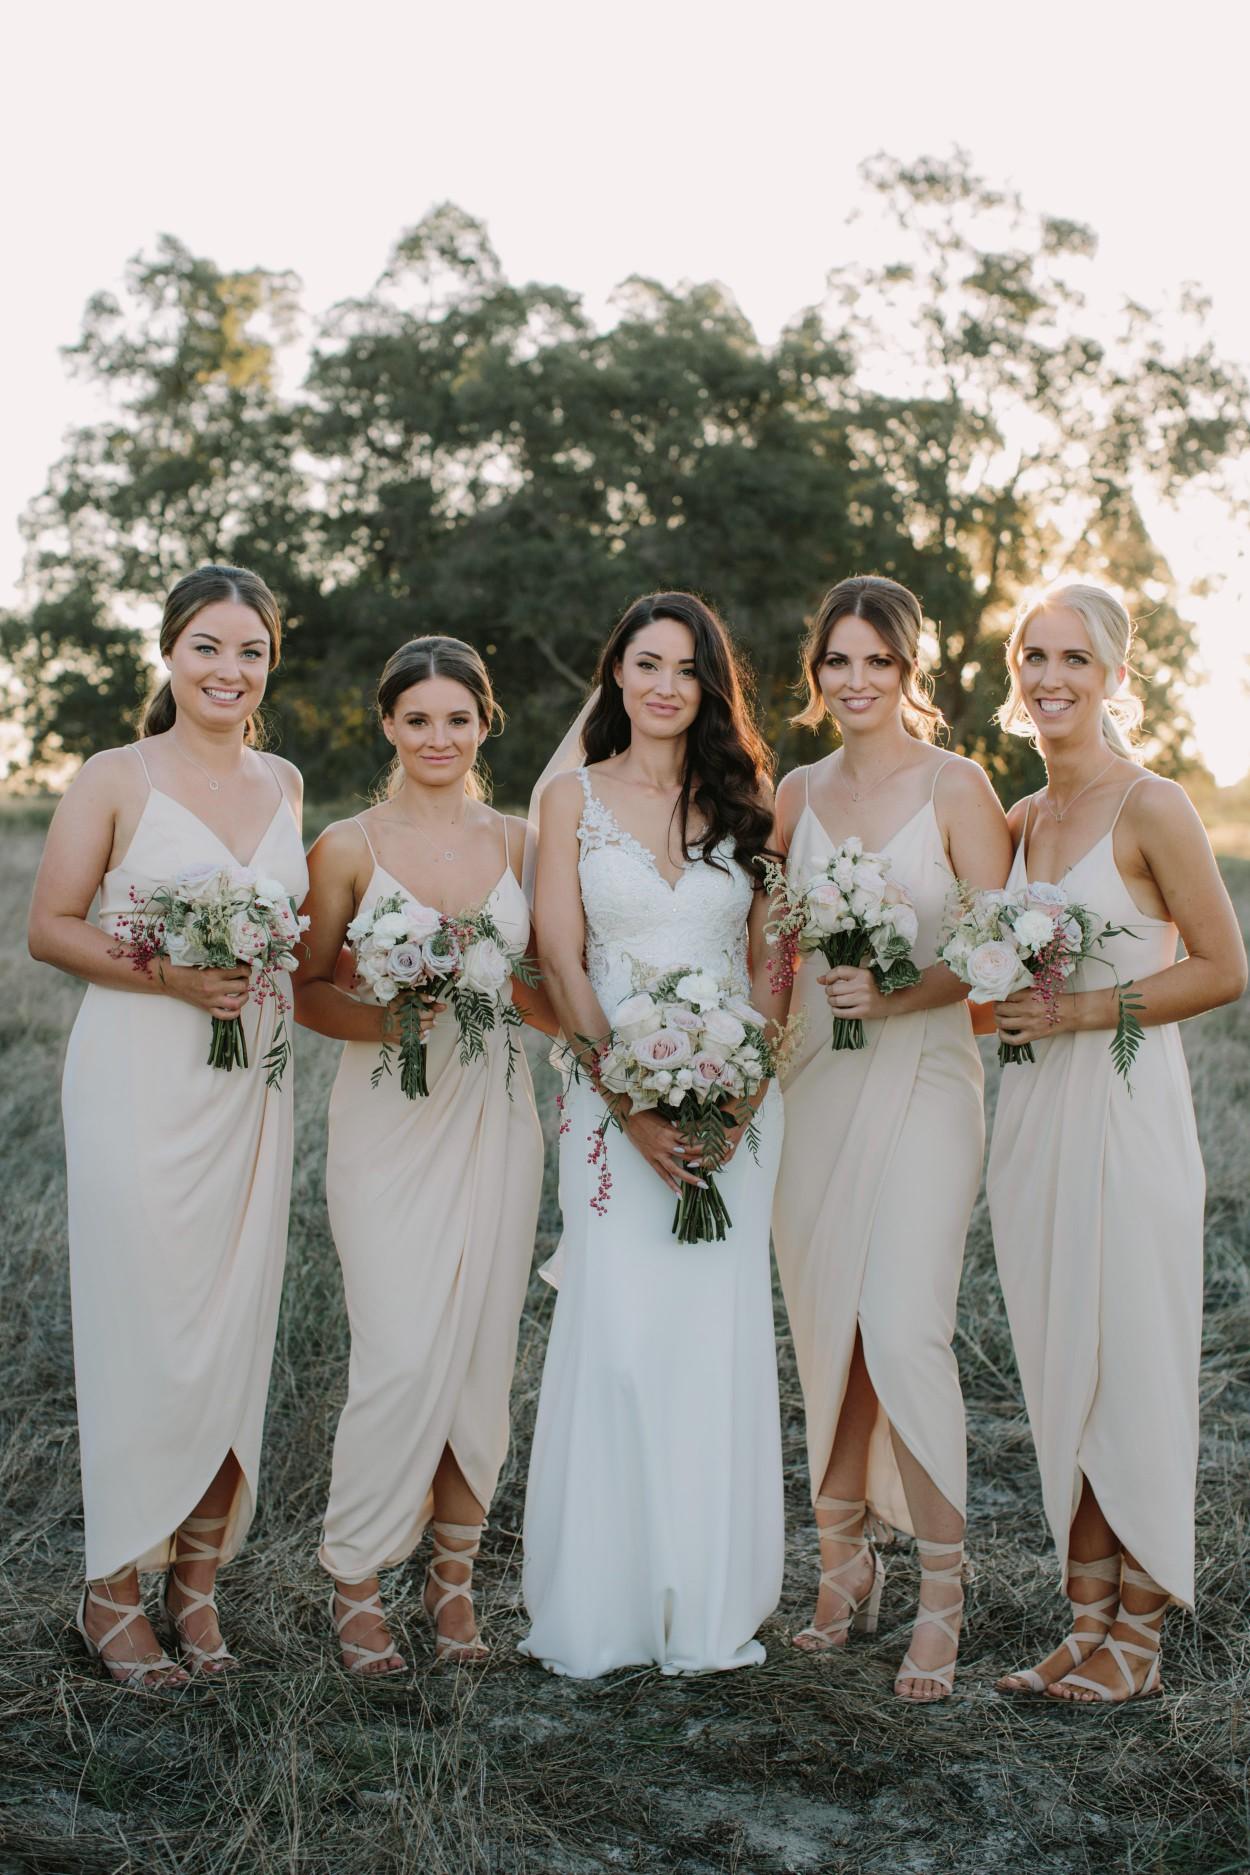 I-Got-You-Babe-&-Co.-Wedding-Photographers-Amanda046.jpg